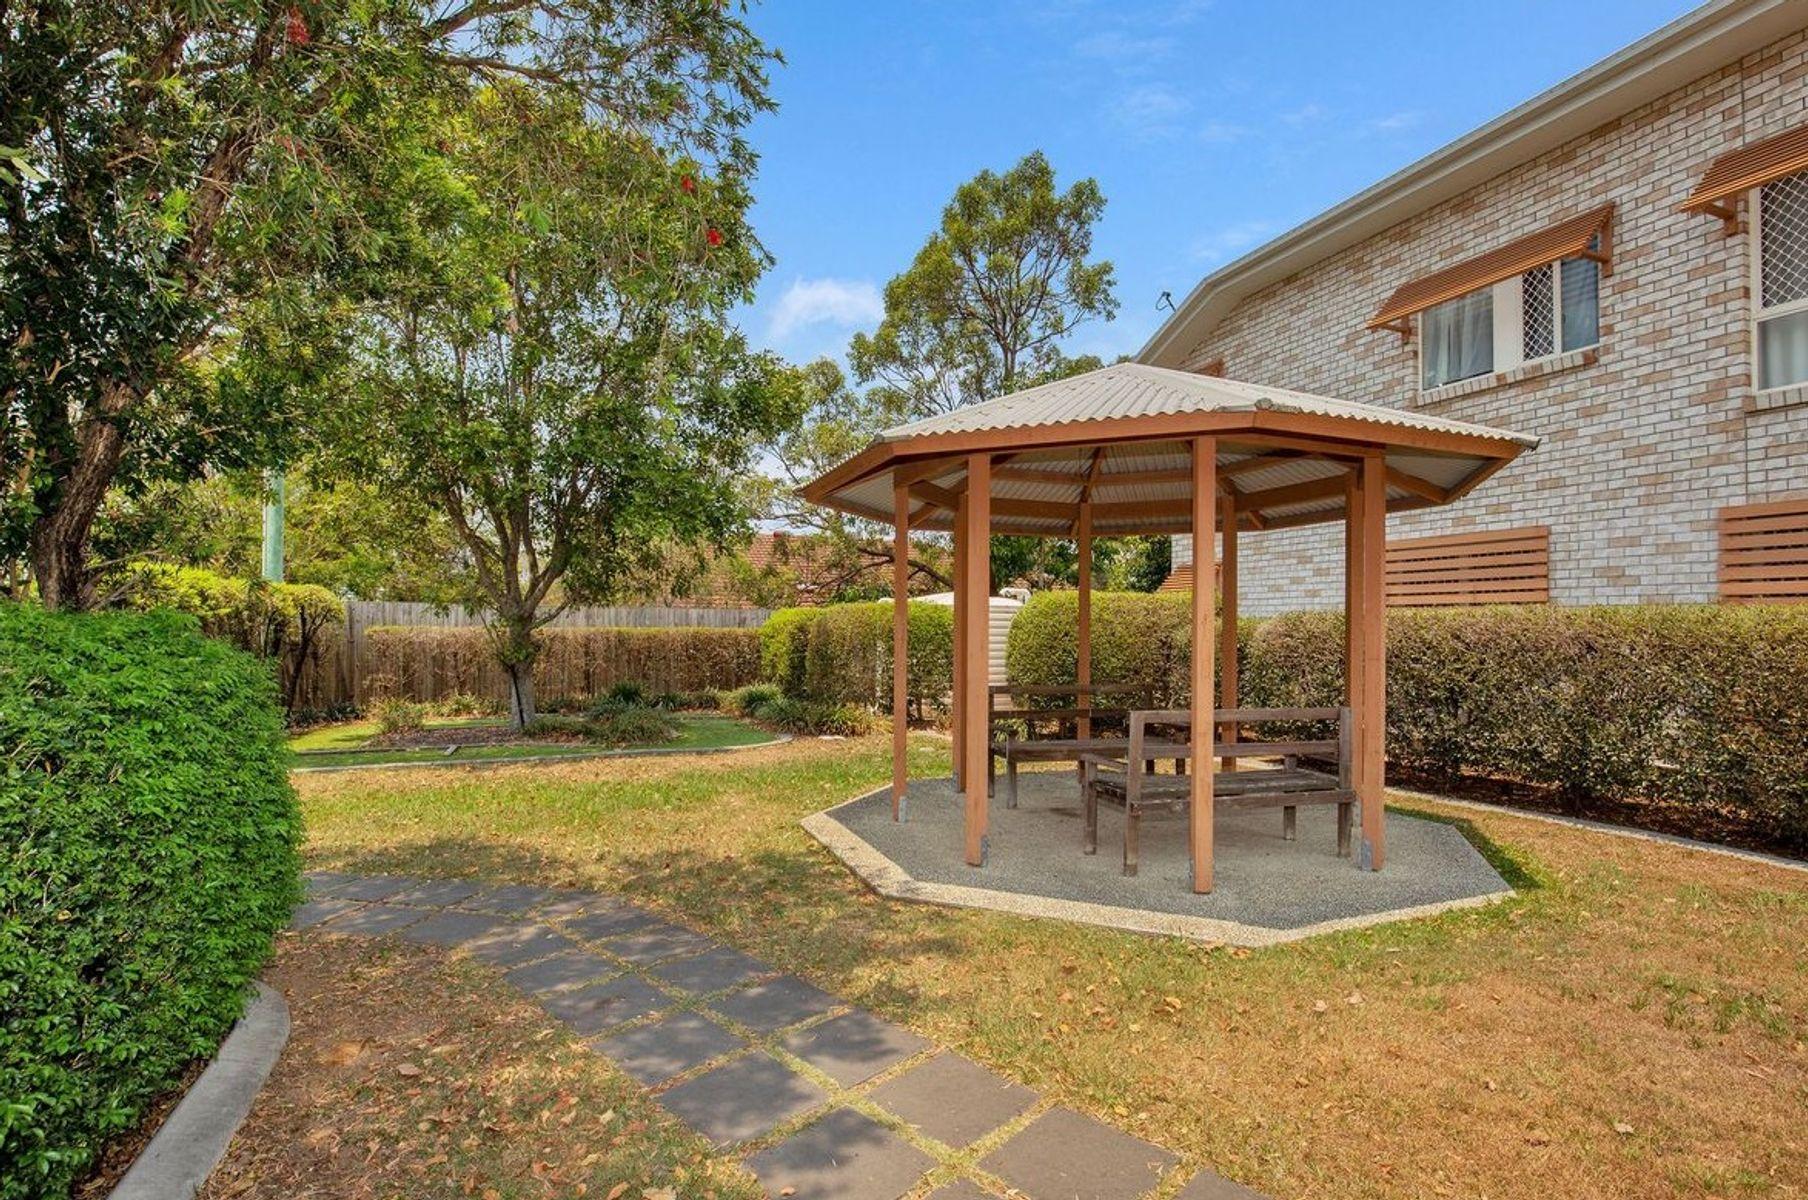 5/95 River Hills Road, Eagleby, QLD 4207